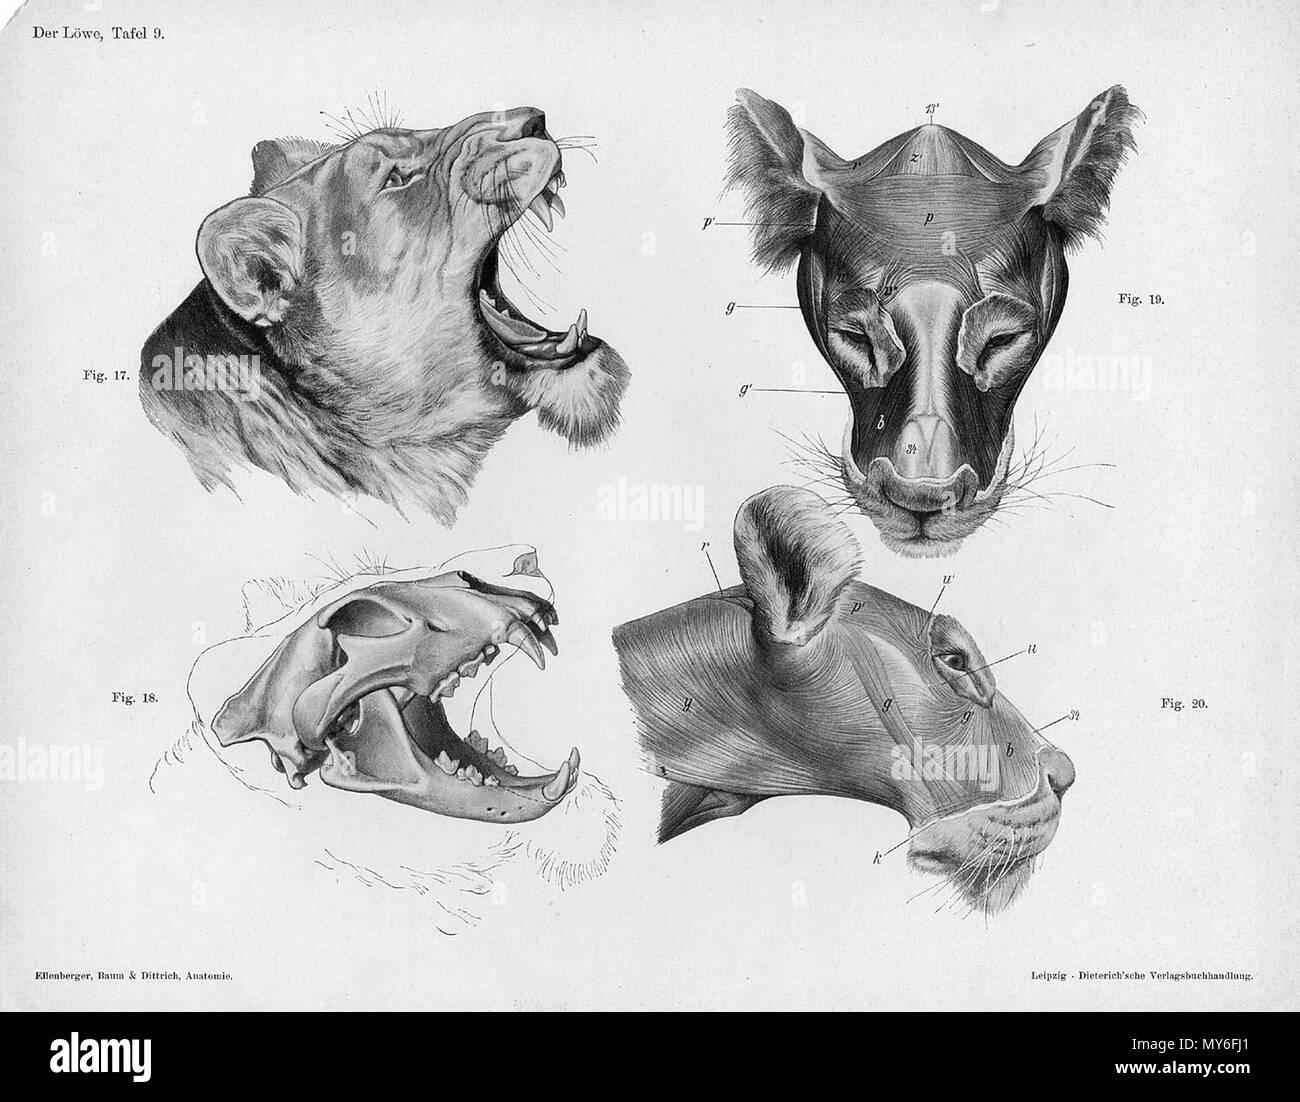 """. Anatómica Animal grabado de Handbuch der Anatomie der Tiere für Künstler"""" - Hermann Dittrich, Illustrator. 1889 y 1911-1925. Wilhelm Ellenberger y Hermann Baum 325 anatomía cabeza de león Foto de stock"""